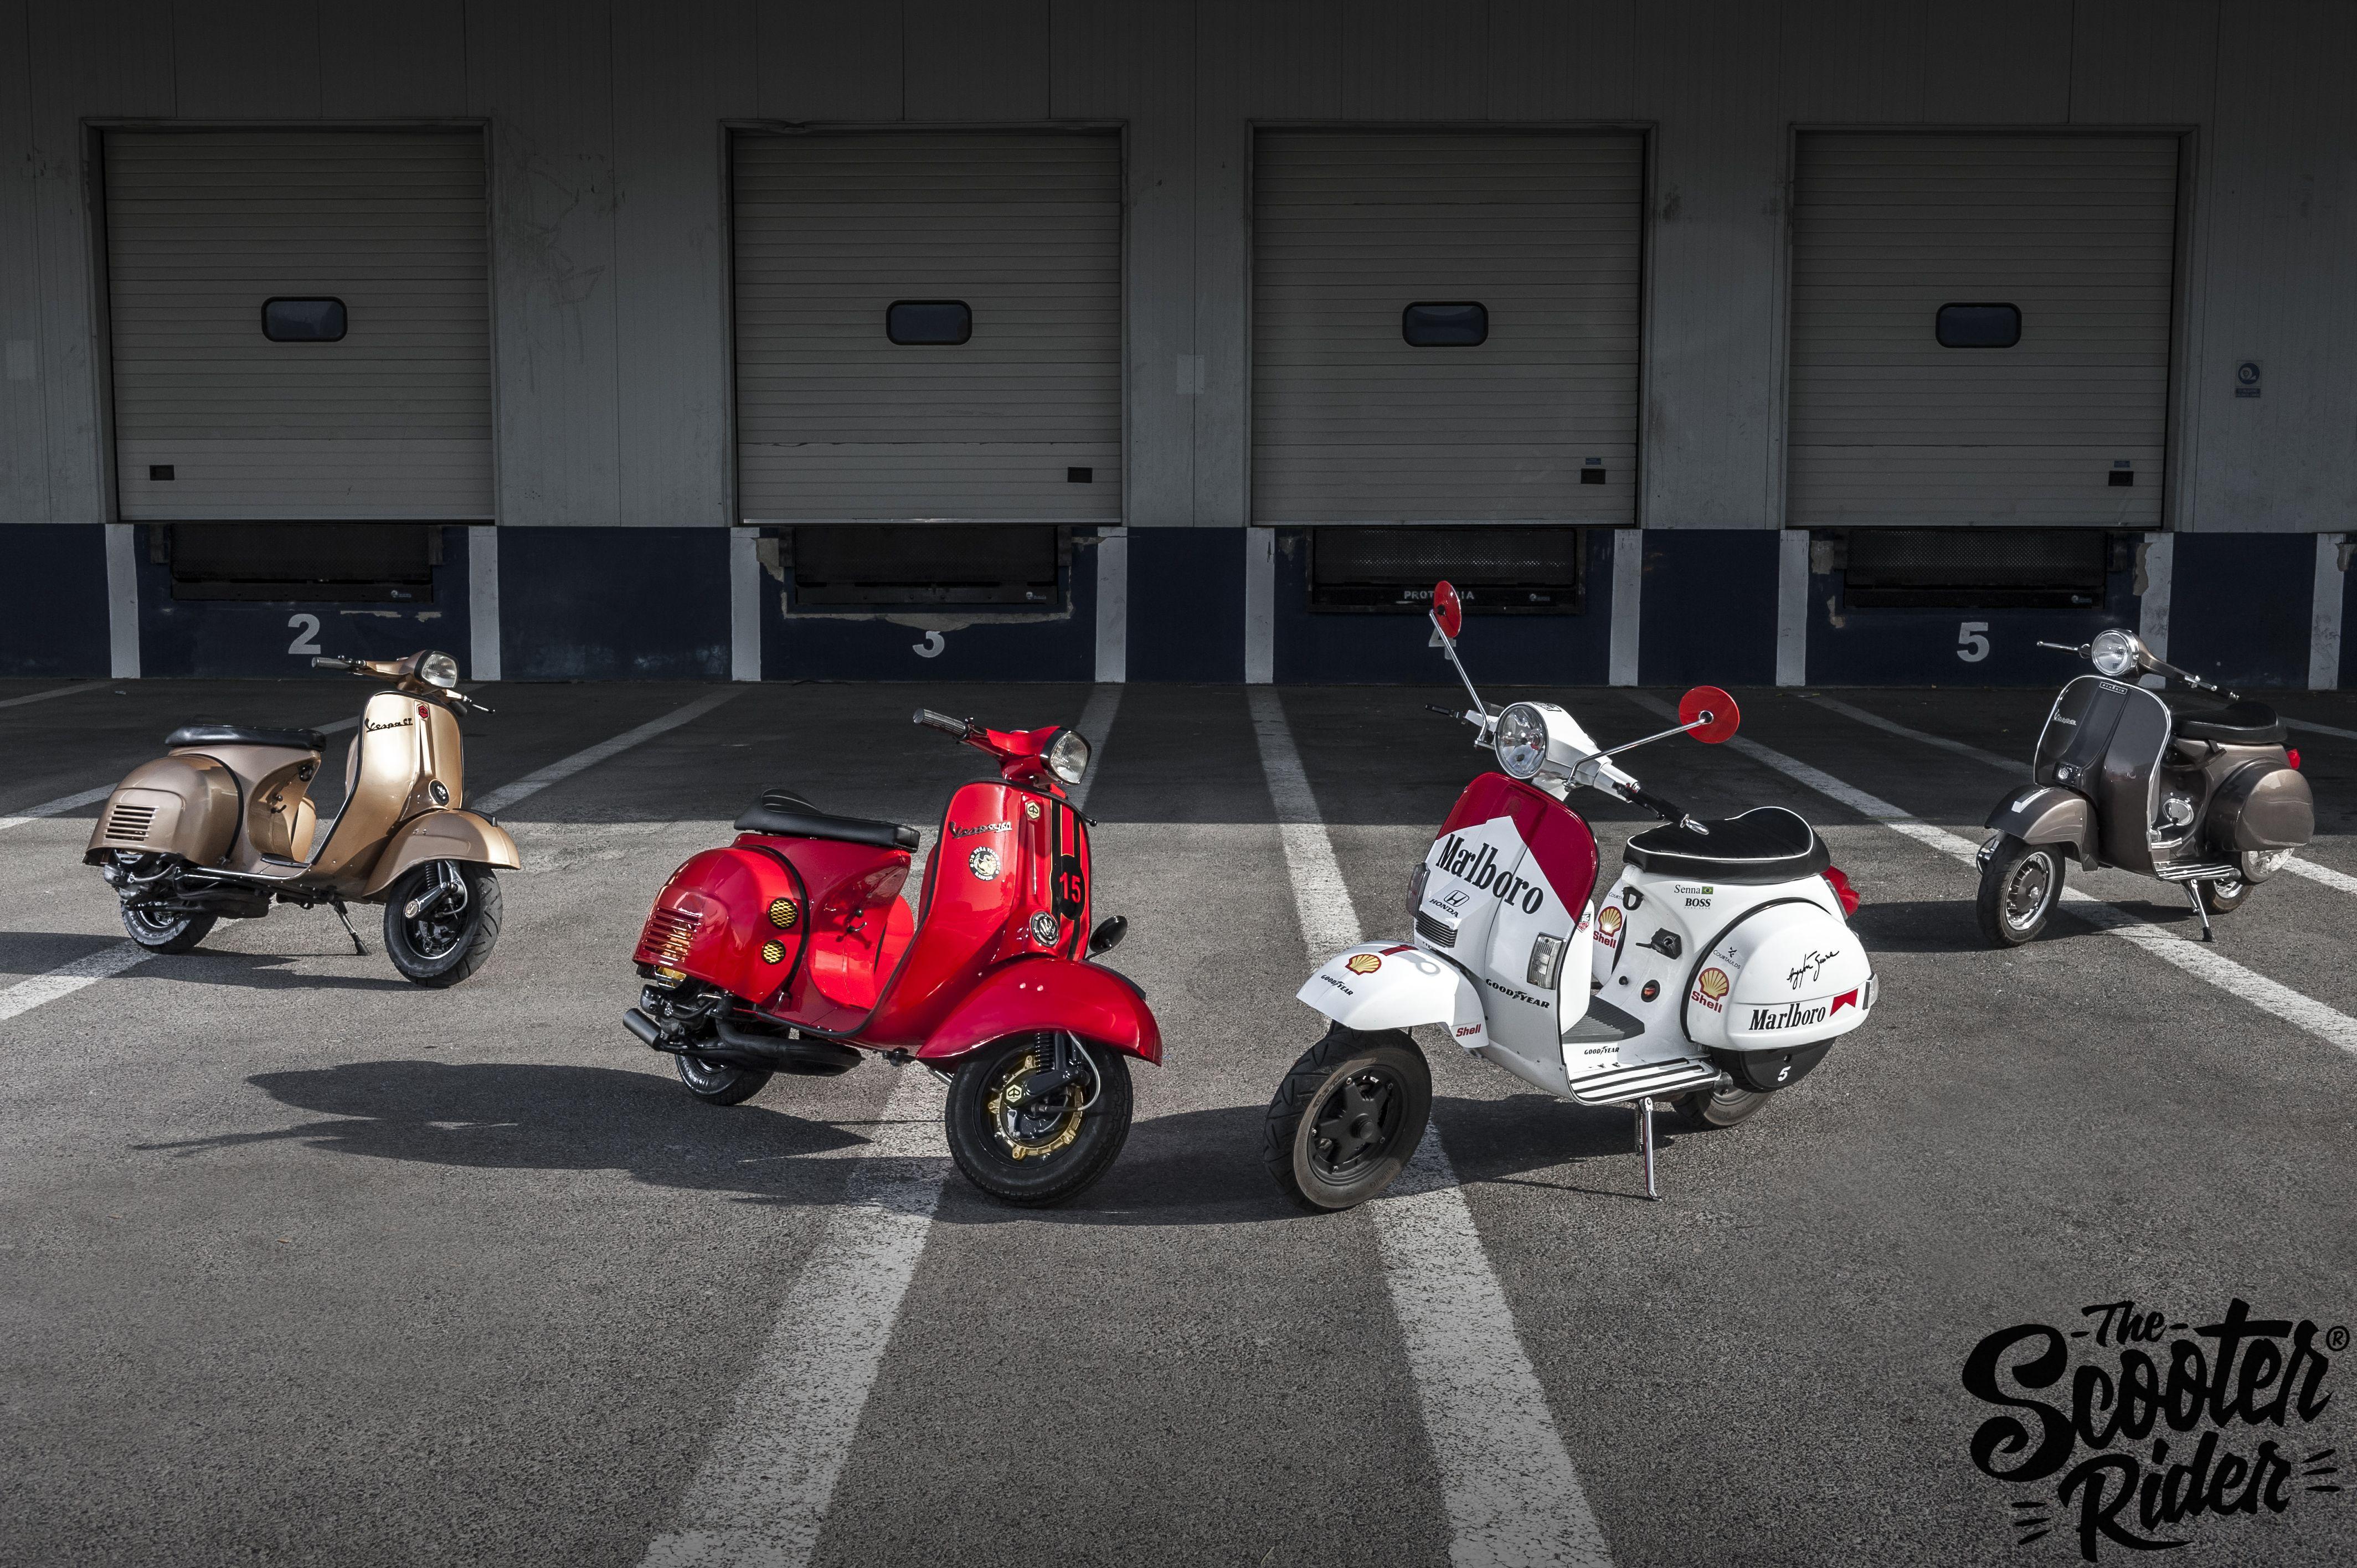 #vespa #lambretta #the scooter rider www.thescooterider.com